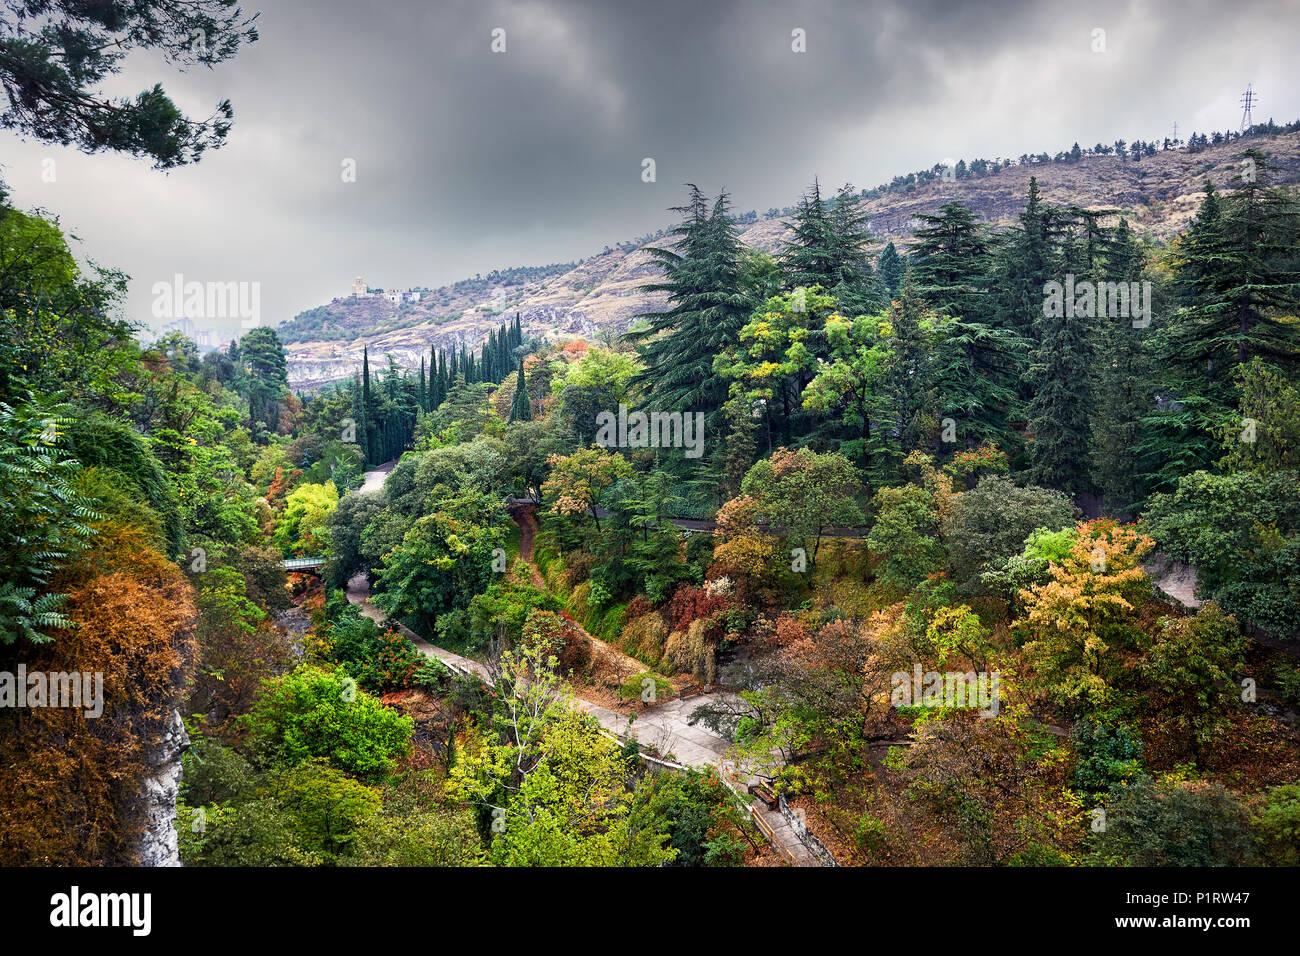 Vista aerea del Giardino Botanico con alberi d'autunno a nuvoloso cielo nuvoloso di Tbilisi, Georgia Foto Stock